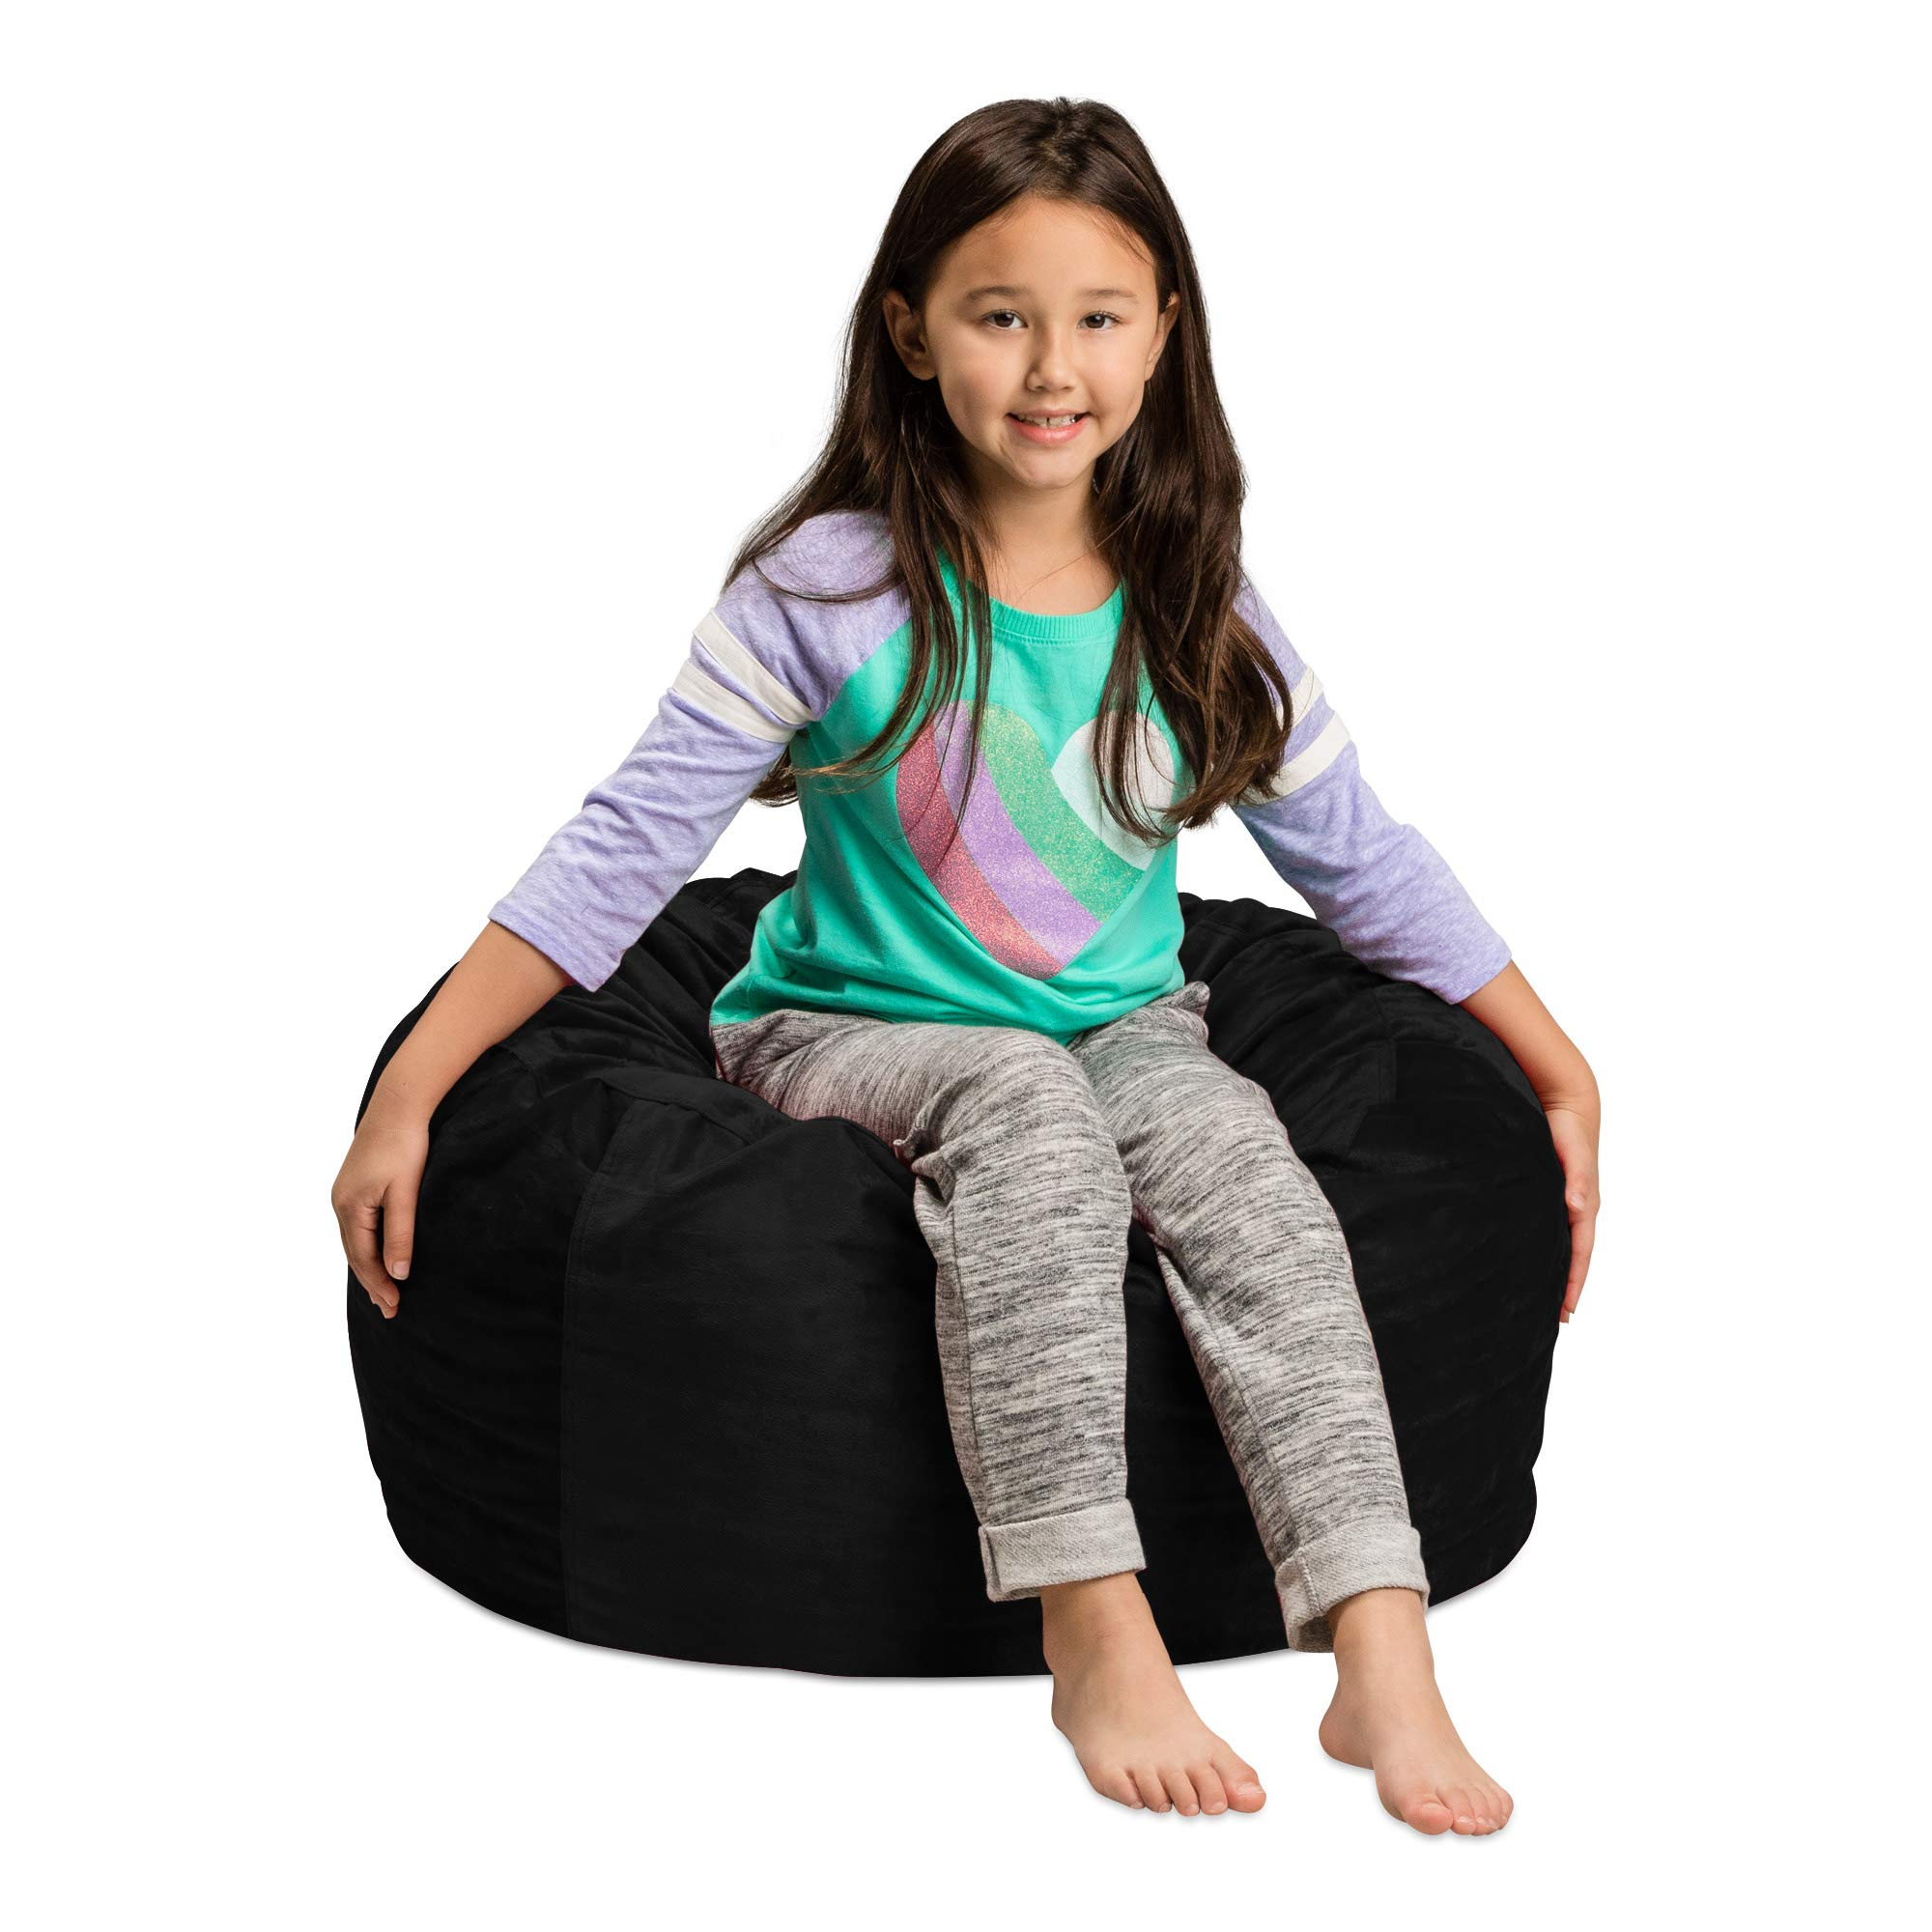 Sofa Sack – Plush, Ultra Soft Kids Bean Bag Chair – Memory Foam Bean Bag Chair with Microsuede Cove